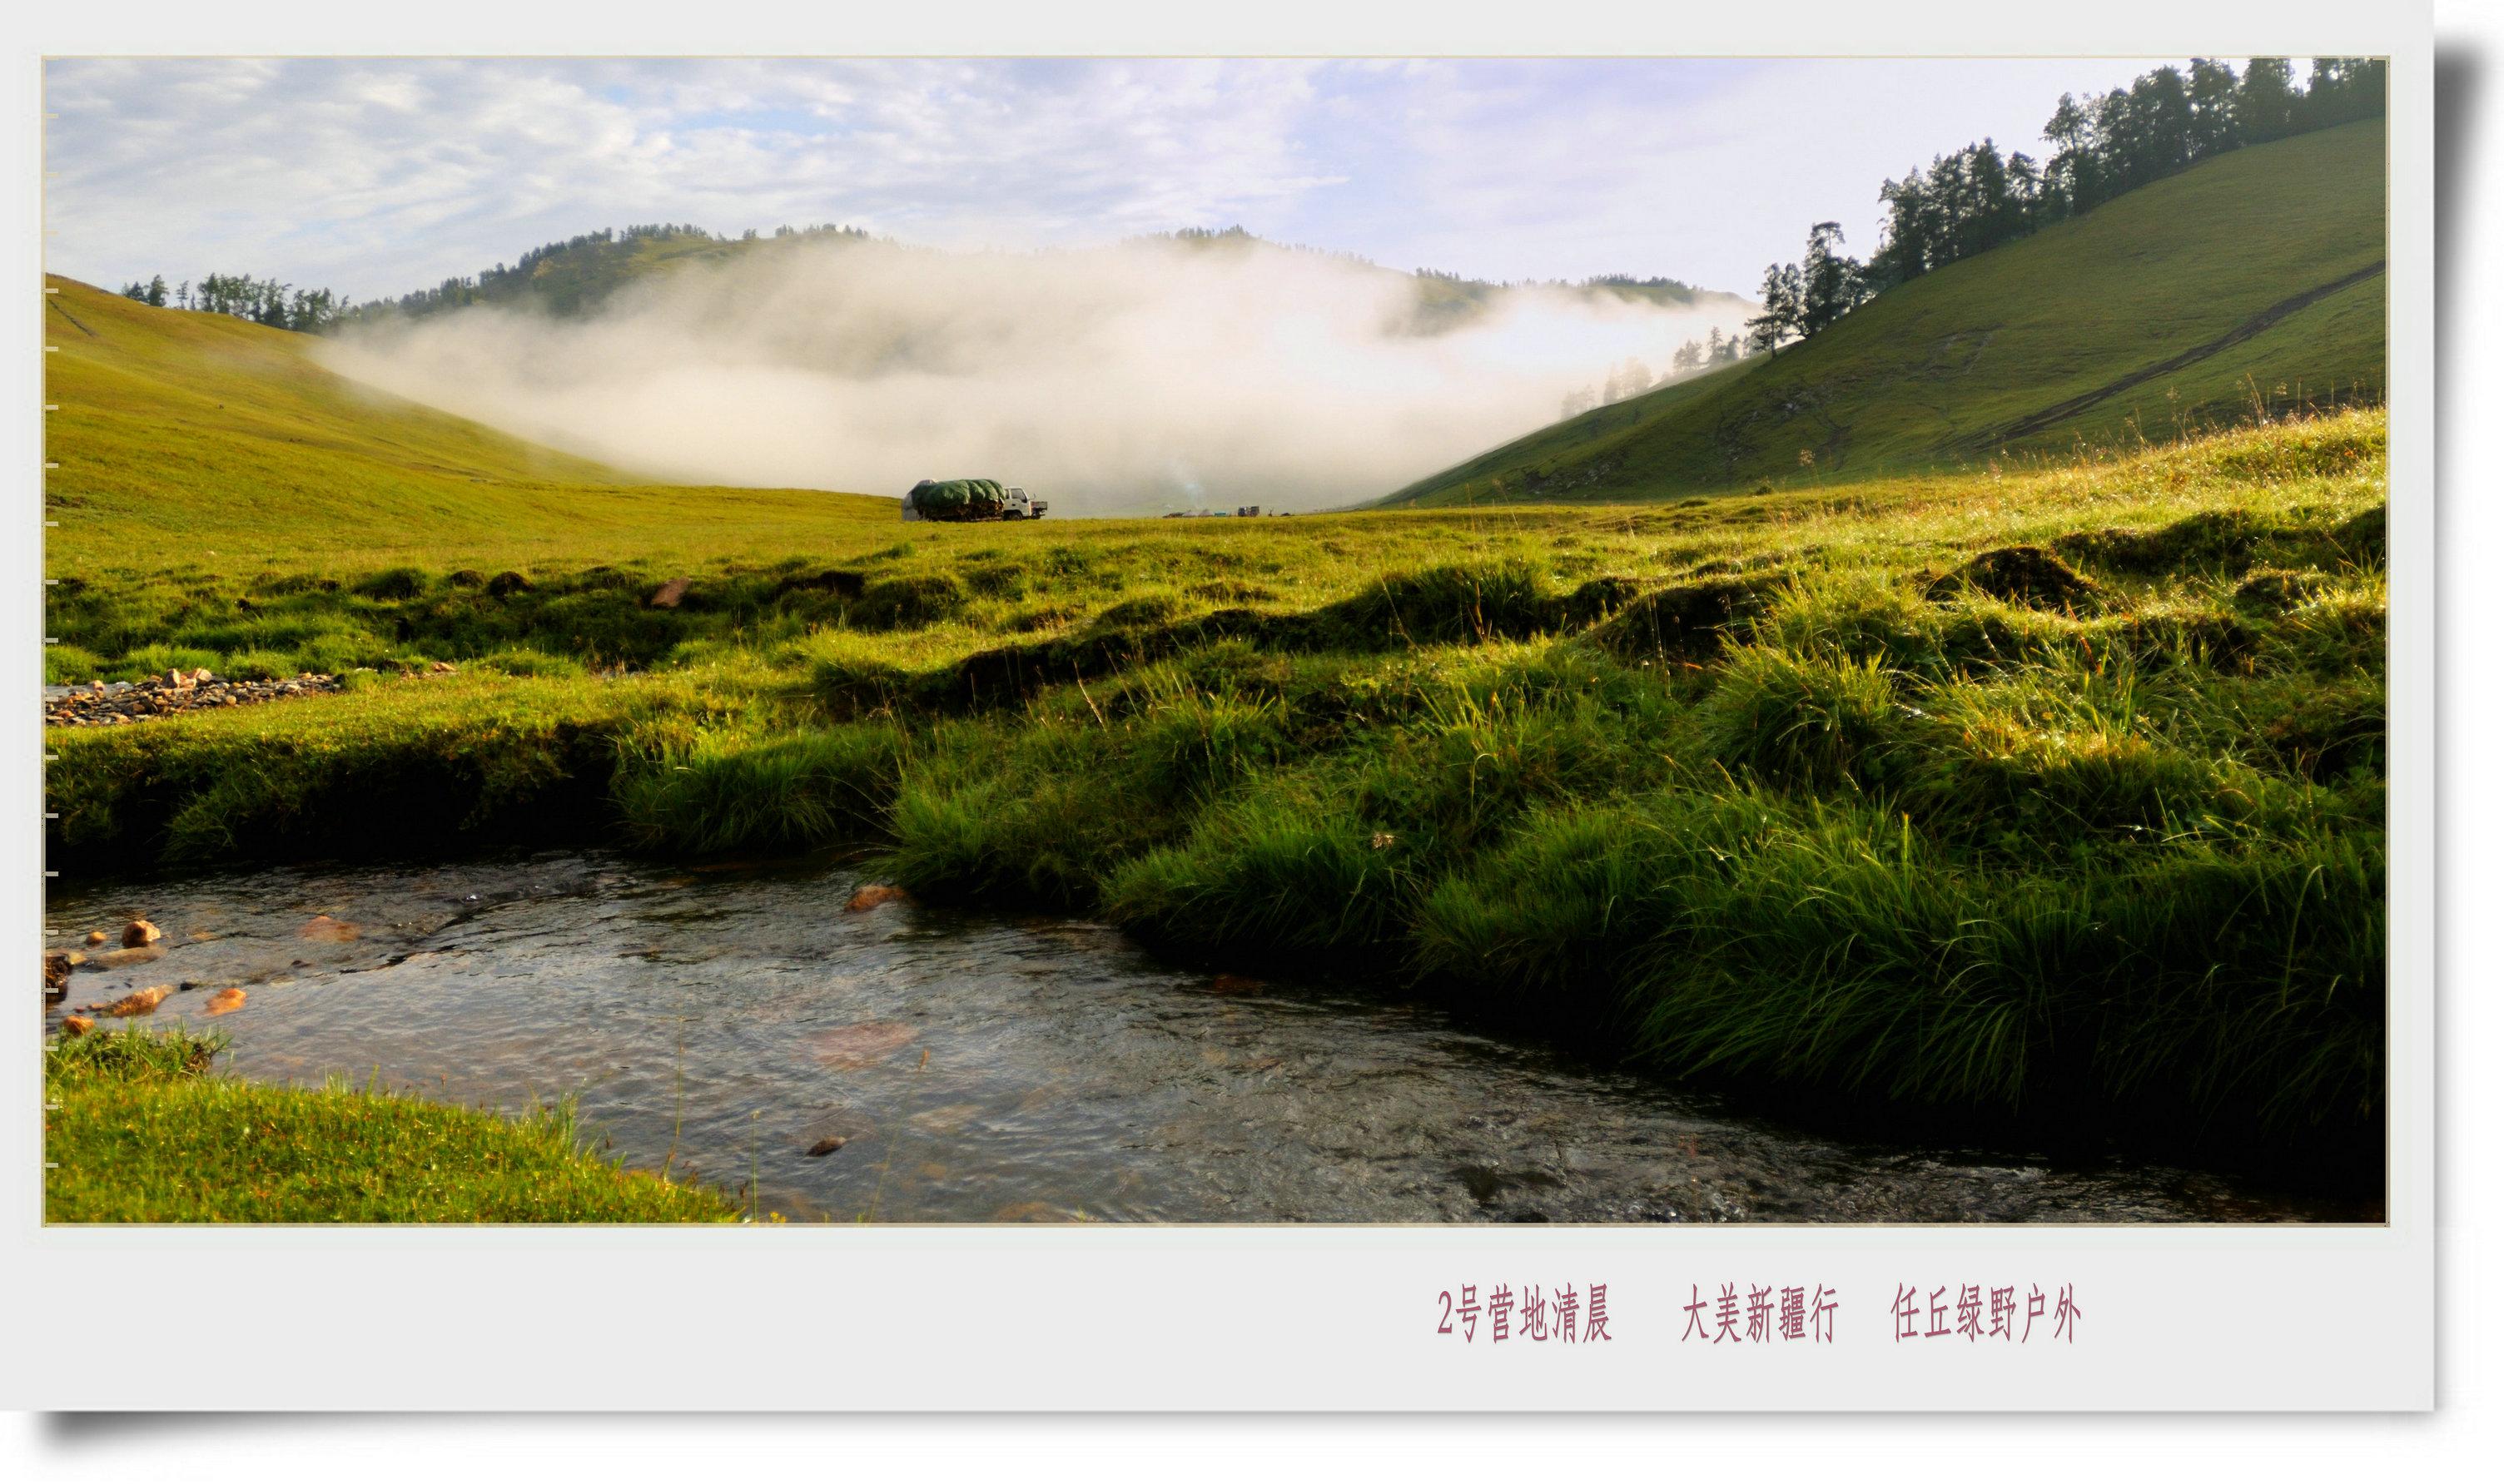 空中花园, 阿勒泰, 感光度, 新疆, 拍摄